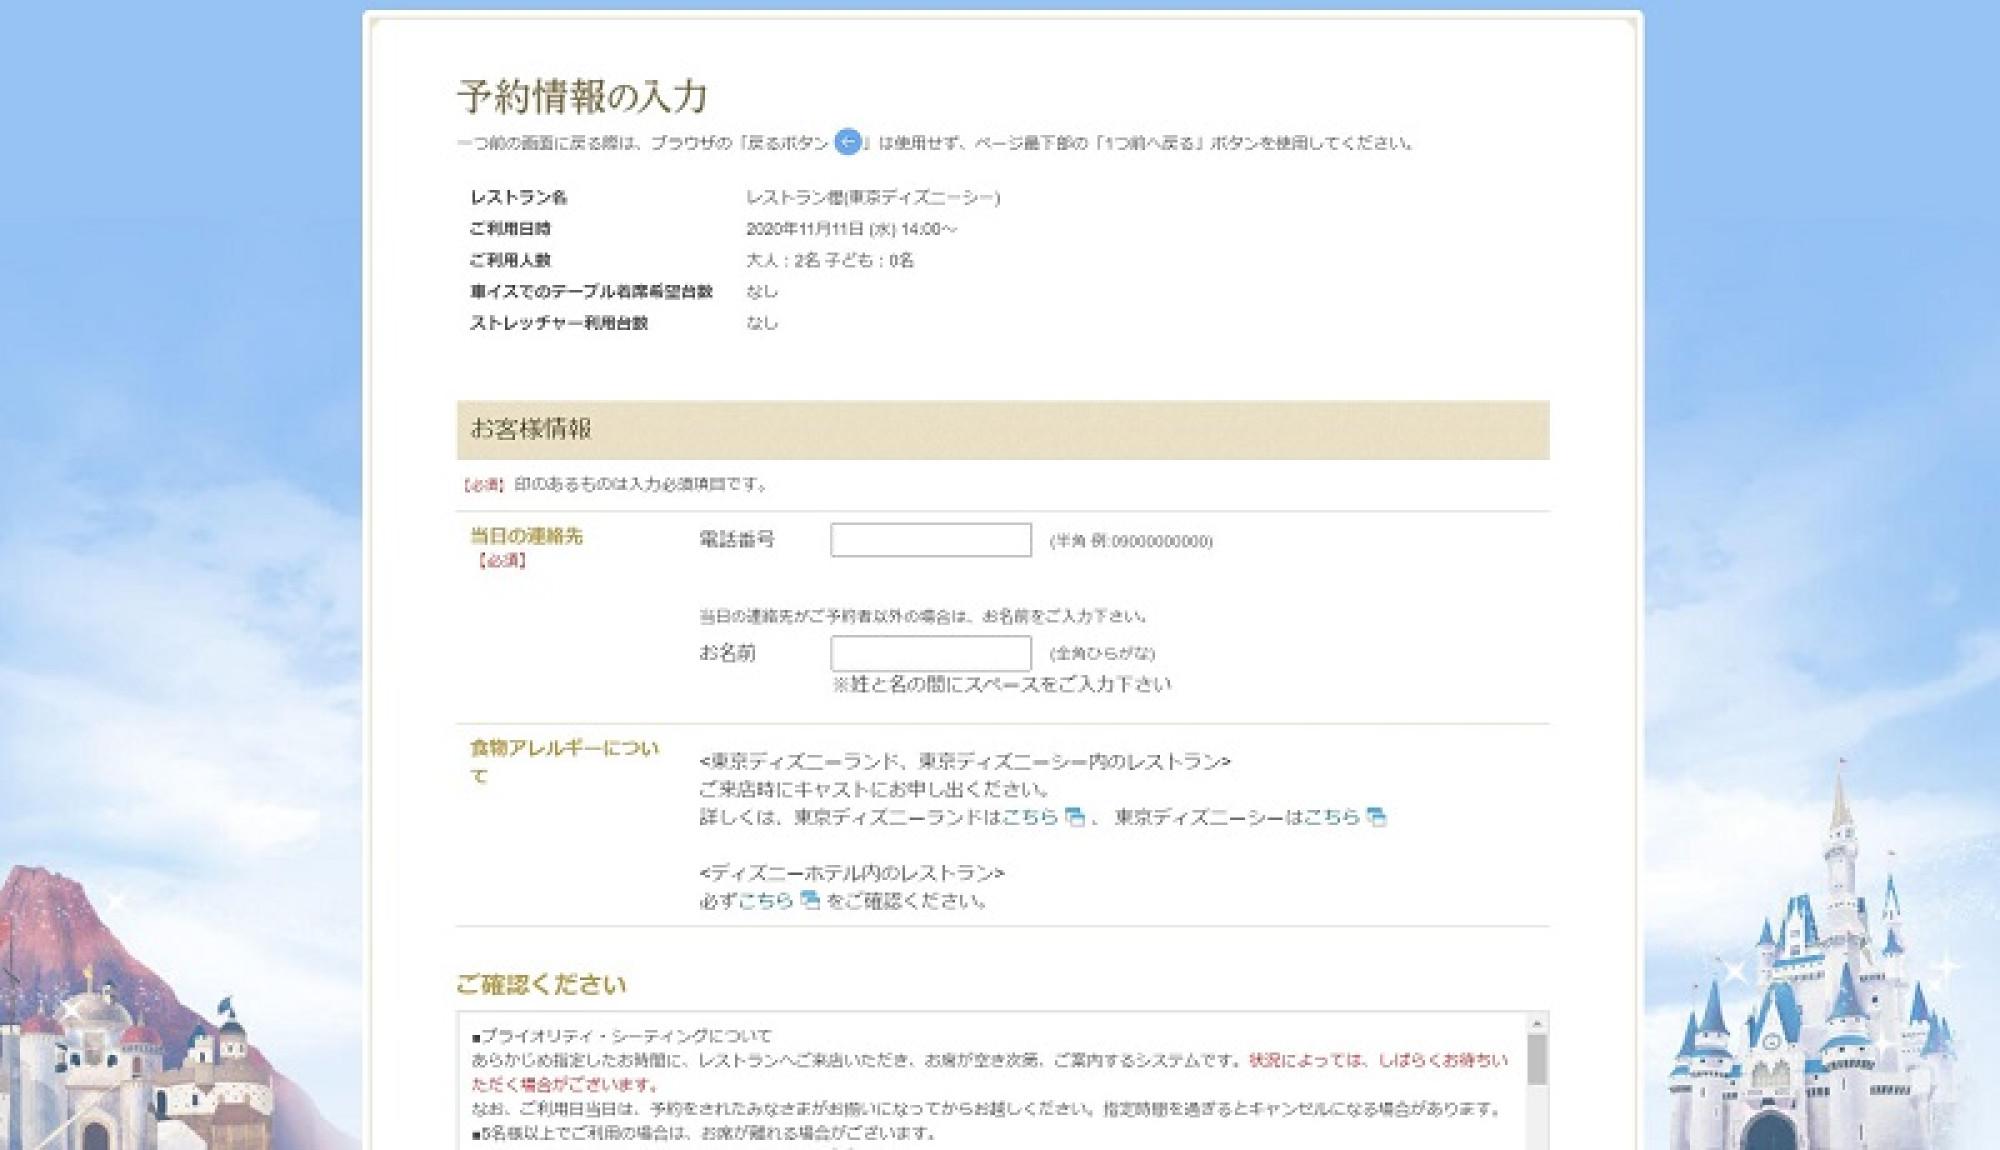 ディズニーレストランの予約手順③-1(公式サイト)